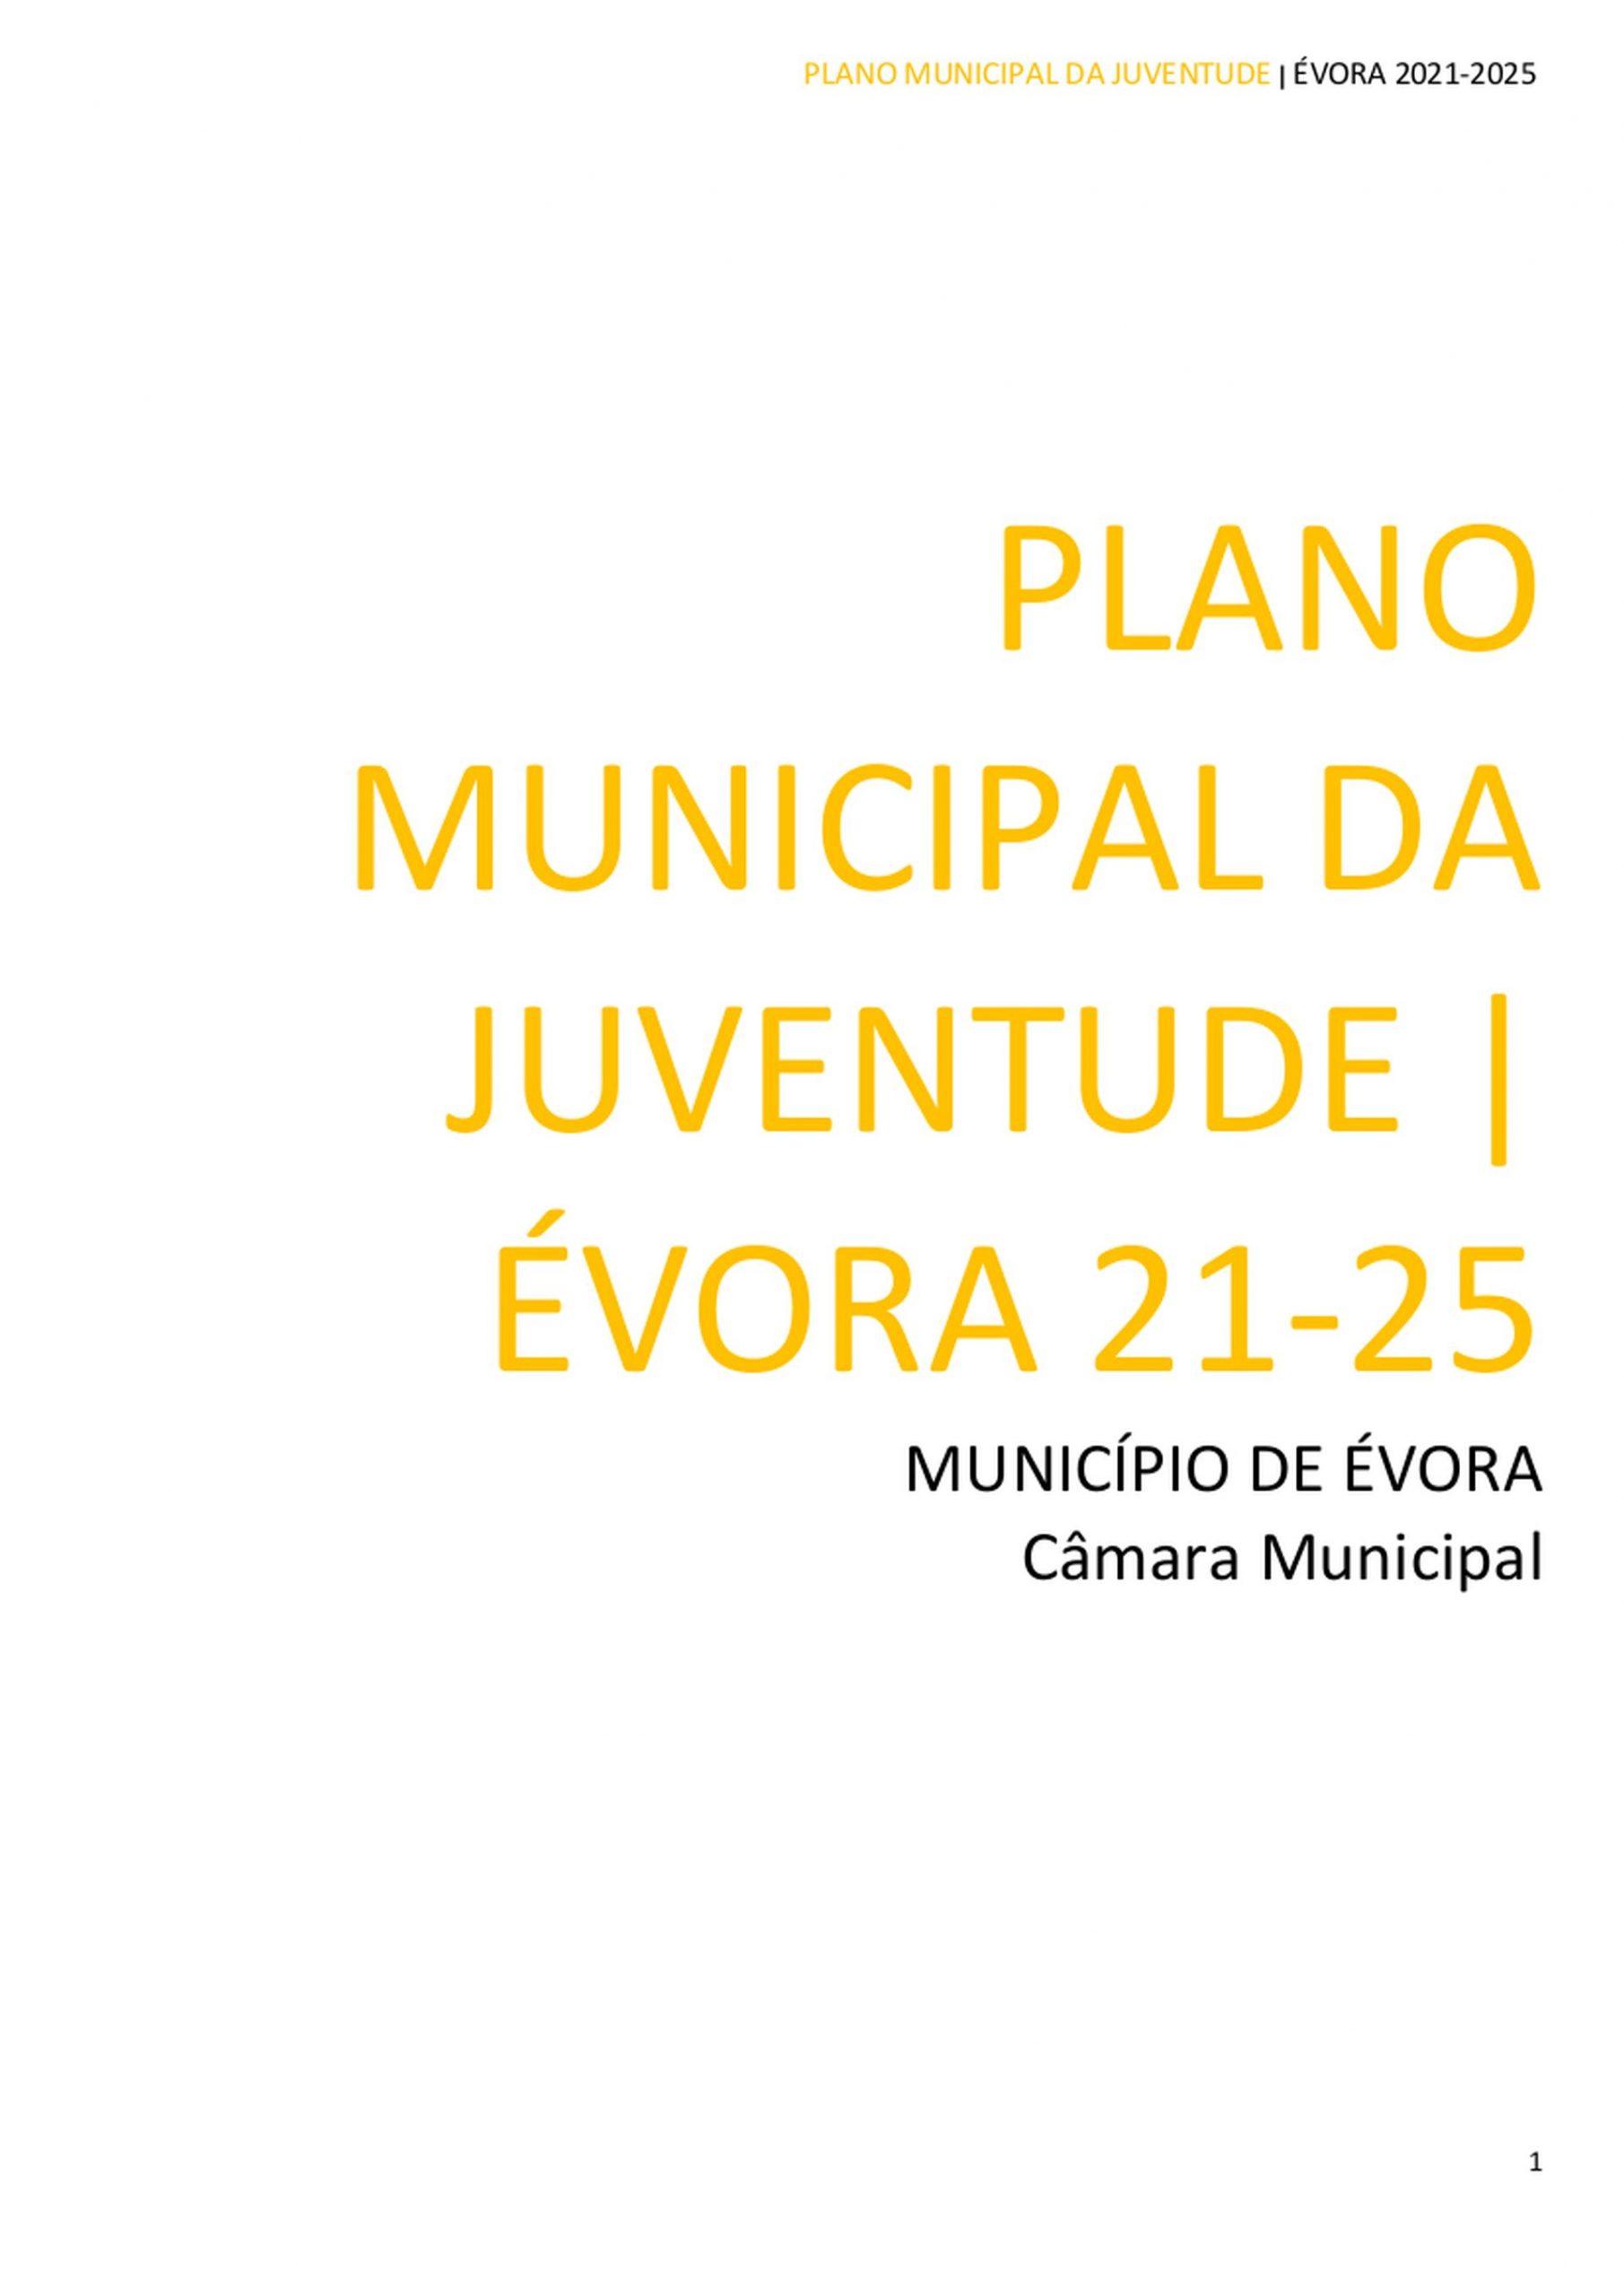 (Português) Conselho Municipal de Juventude de Évora deu parecer positivo ao Plano Municipal da Juventude de Évora 21-25